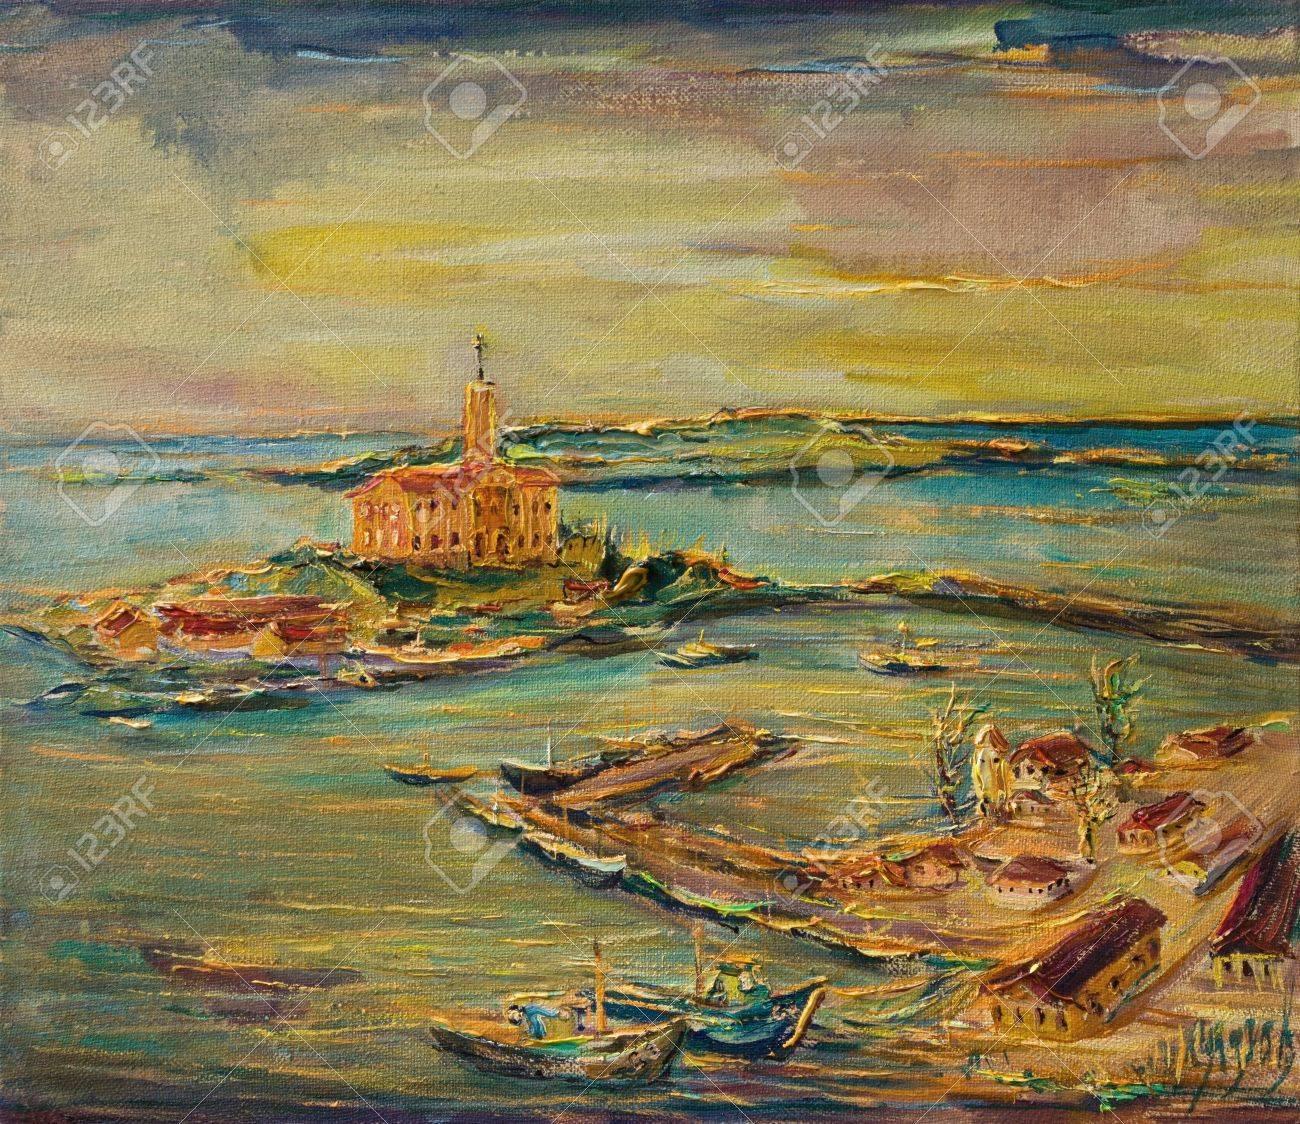 Paintings of Seaside Scenes a Colorful Seaside Scene